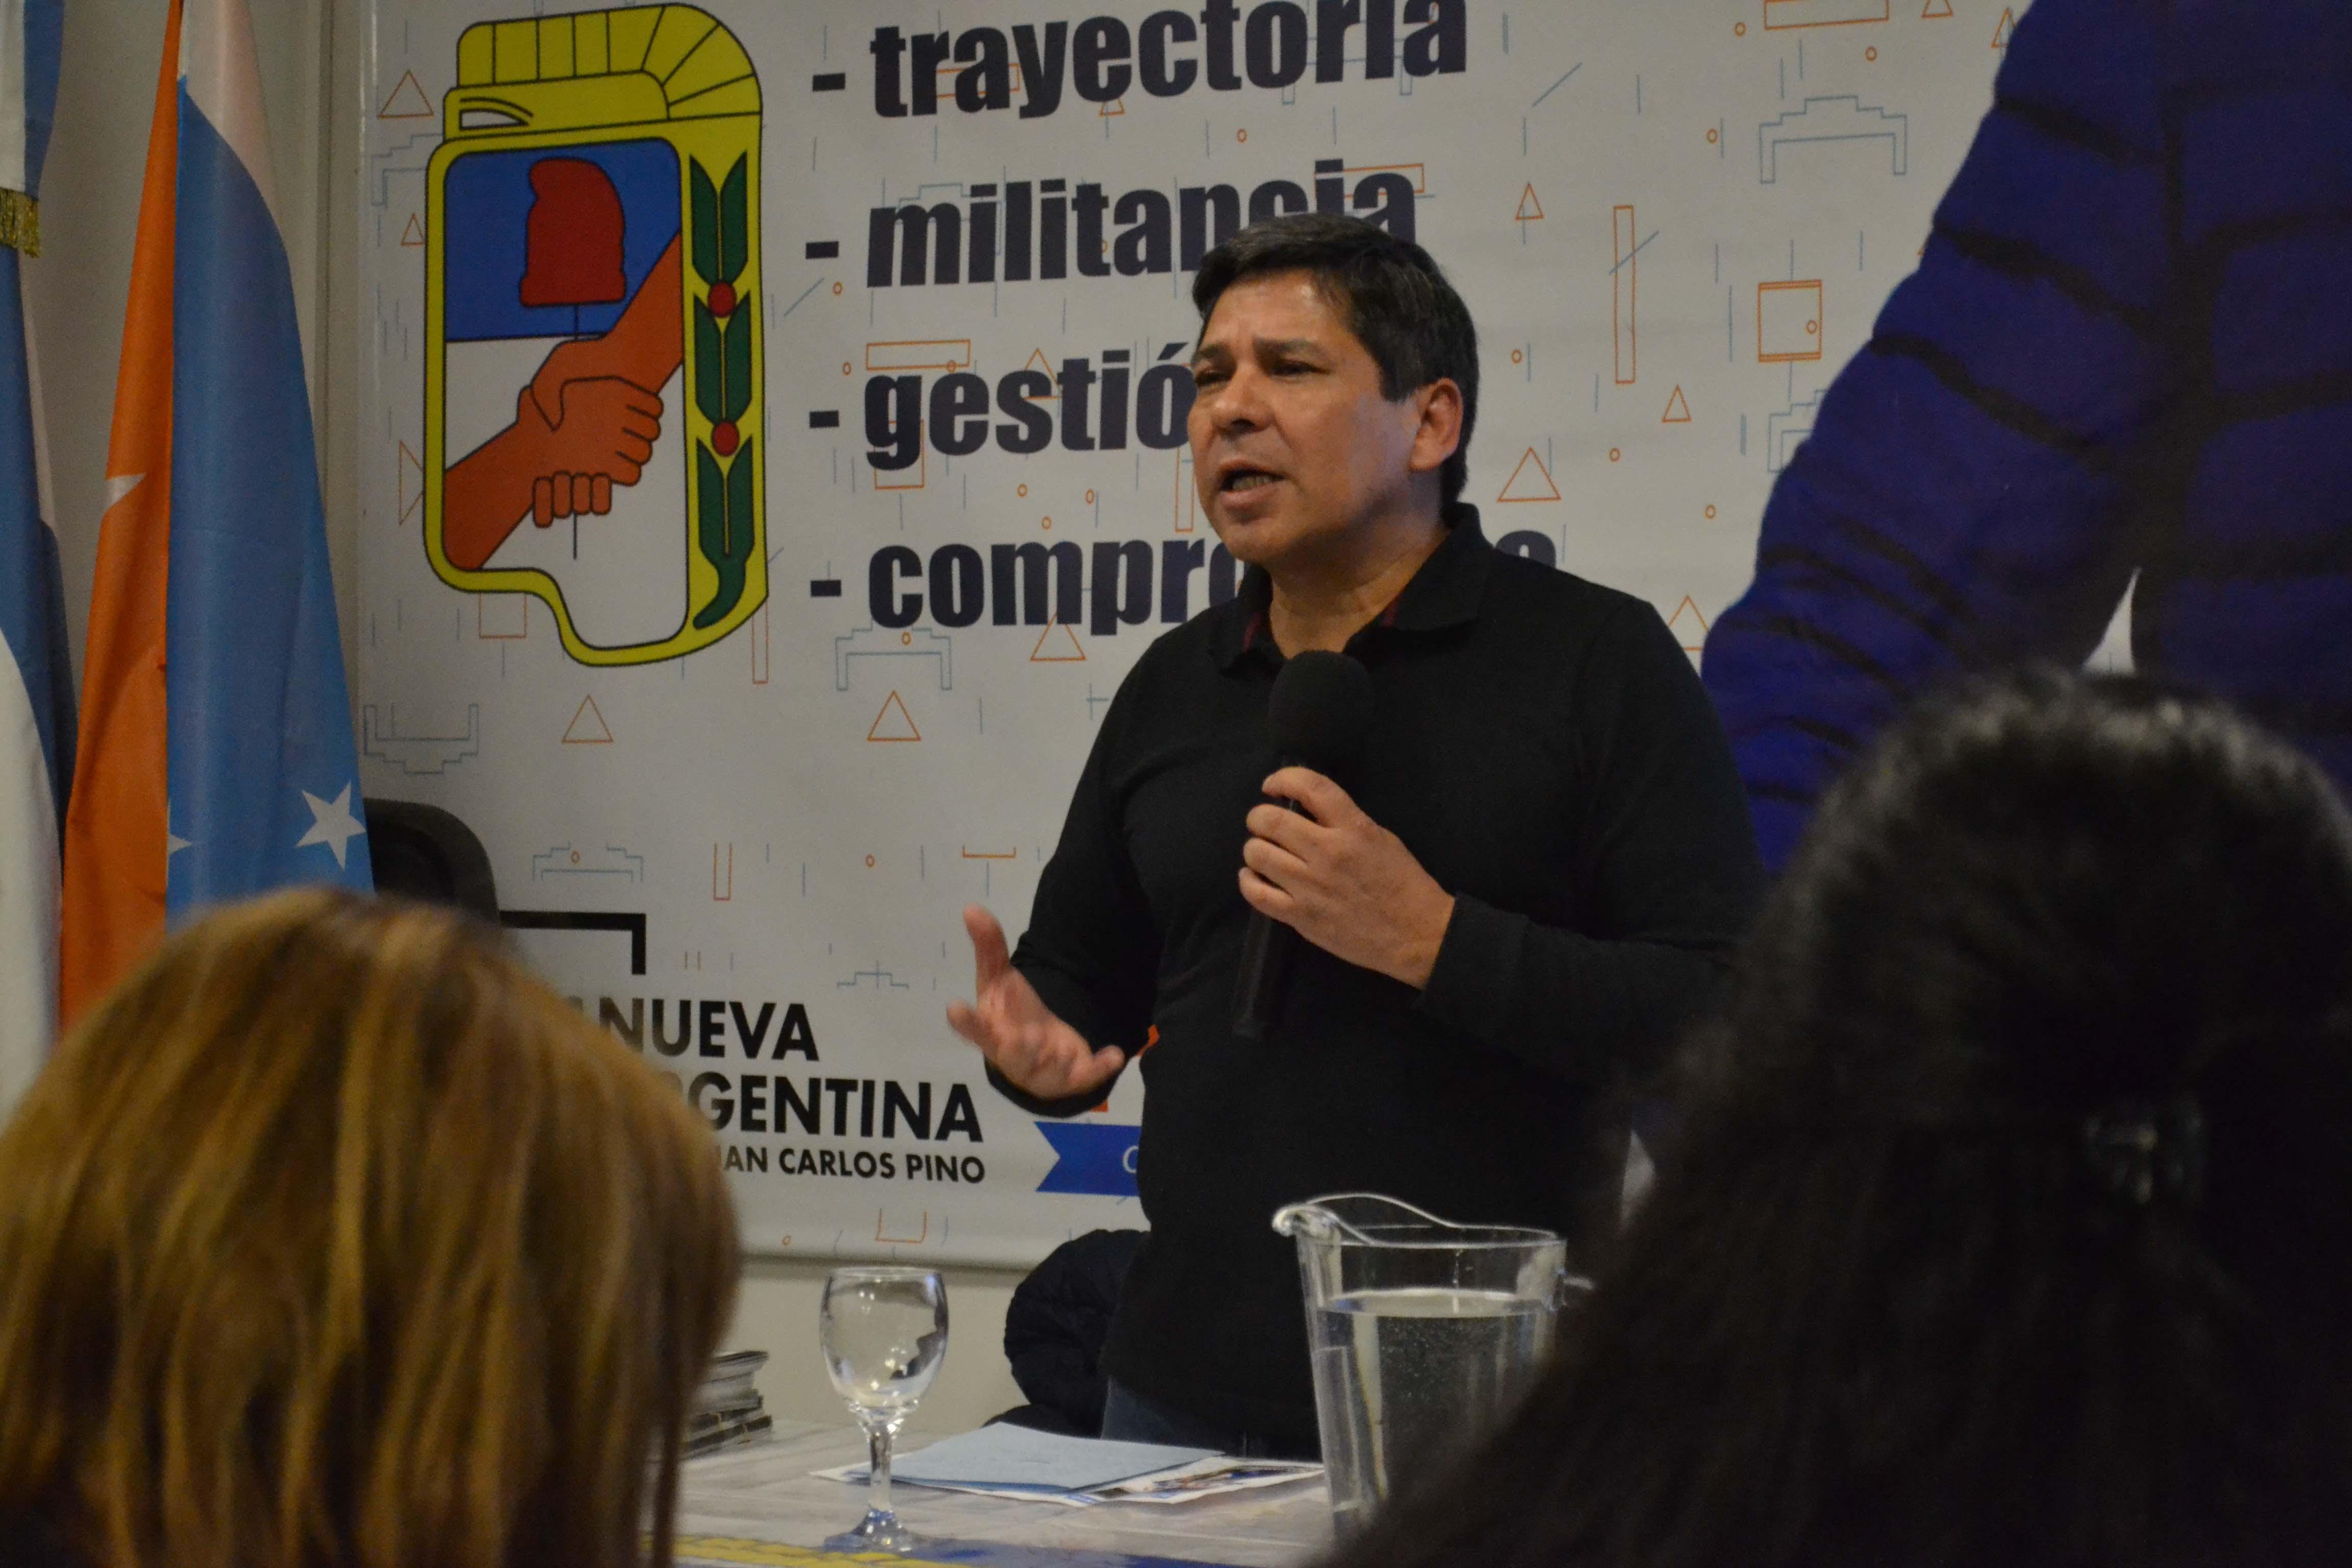 """Pino: """"La militancia es el mejor camino para transformar las cosas"""""""